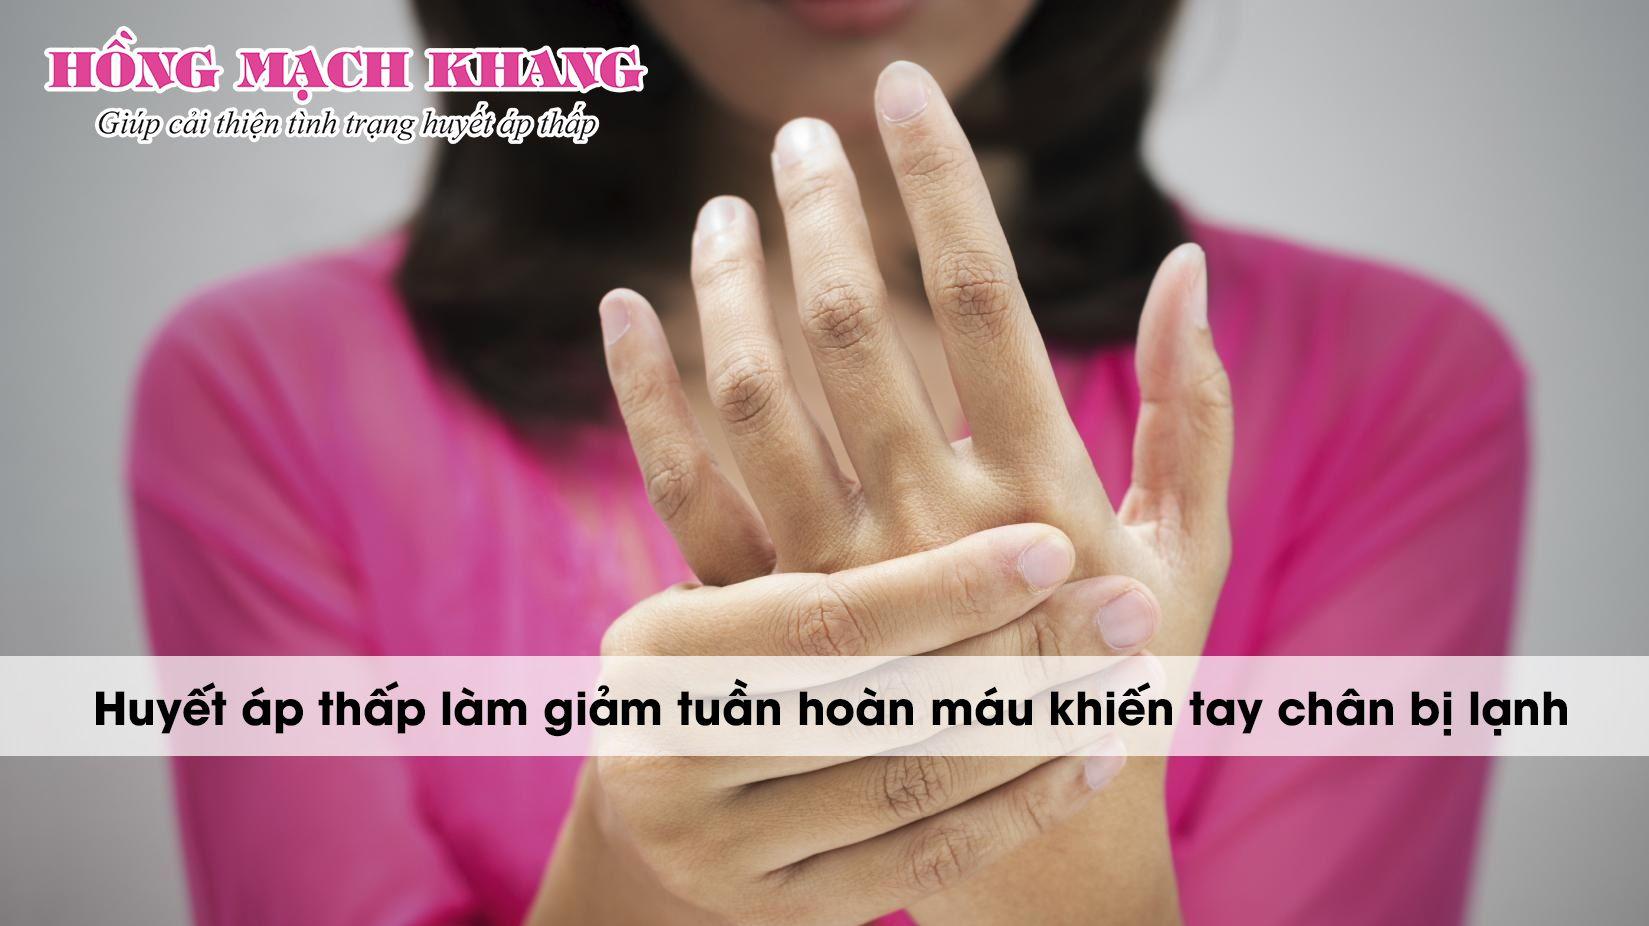 Lạnh chân tay là triệu chứng huyết áp thấp phổ biến